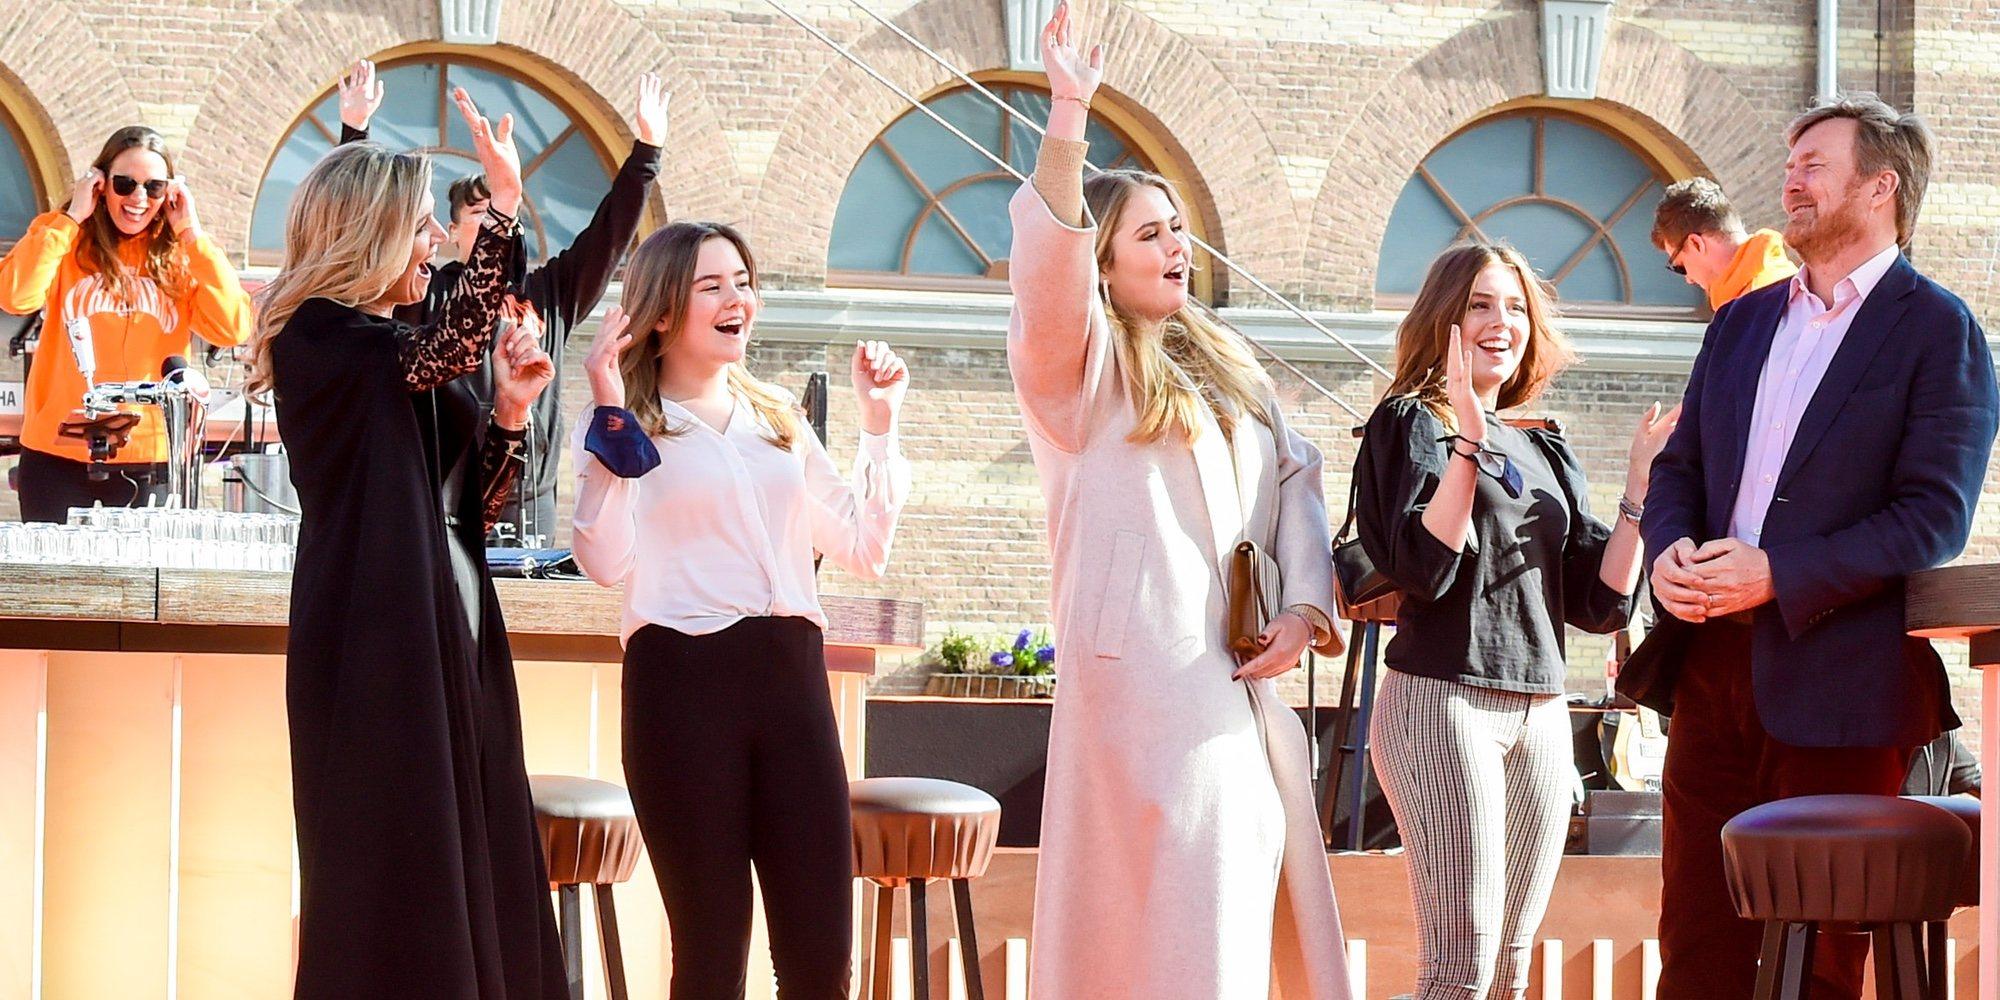 Los Reyes de Holanda y sus hijas se vienen arriba junto a Duncan Laurence en el concierto del Día del Rey 2021